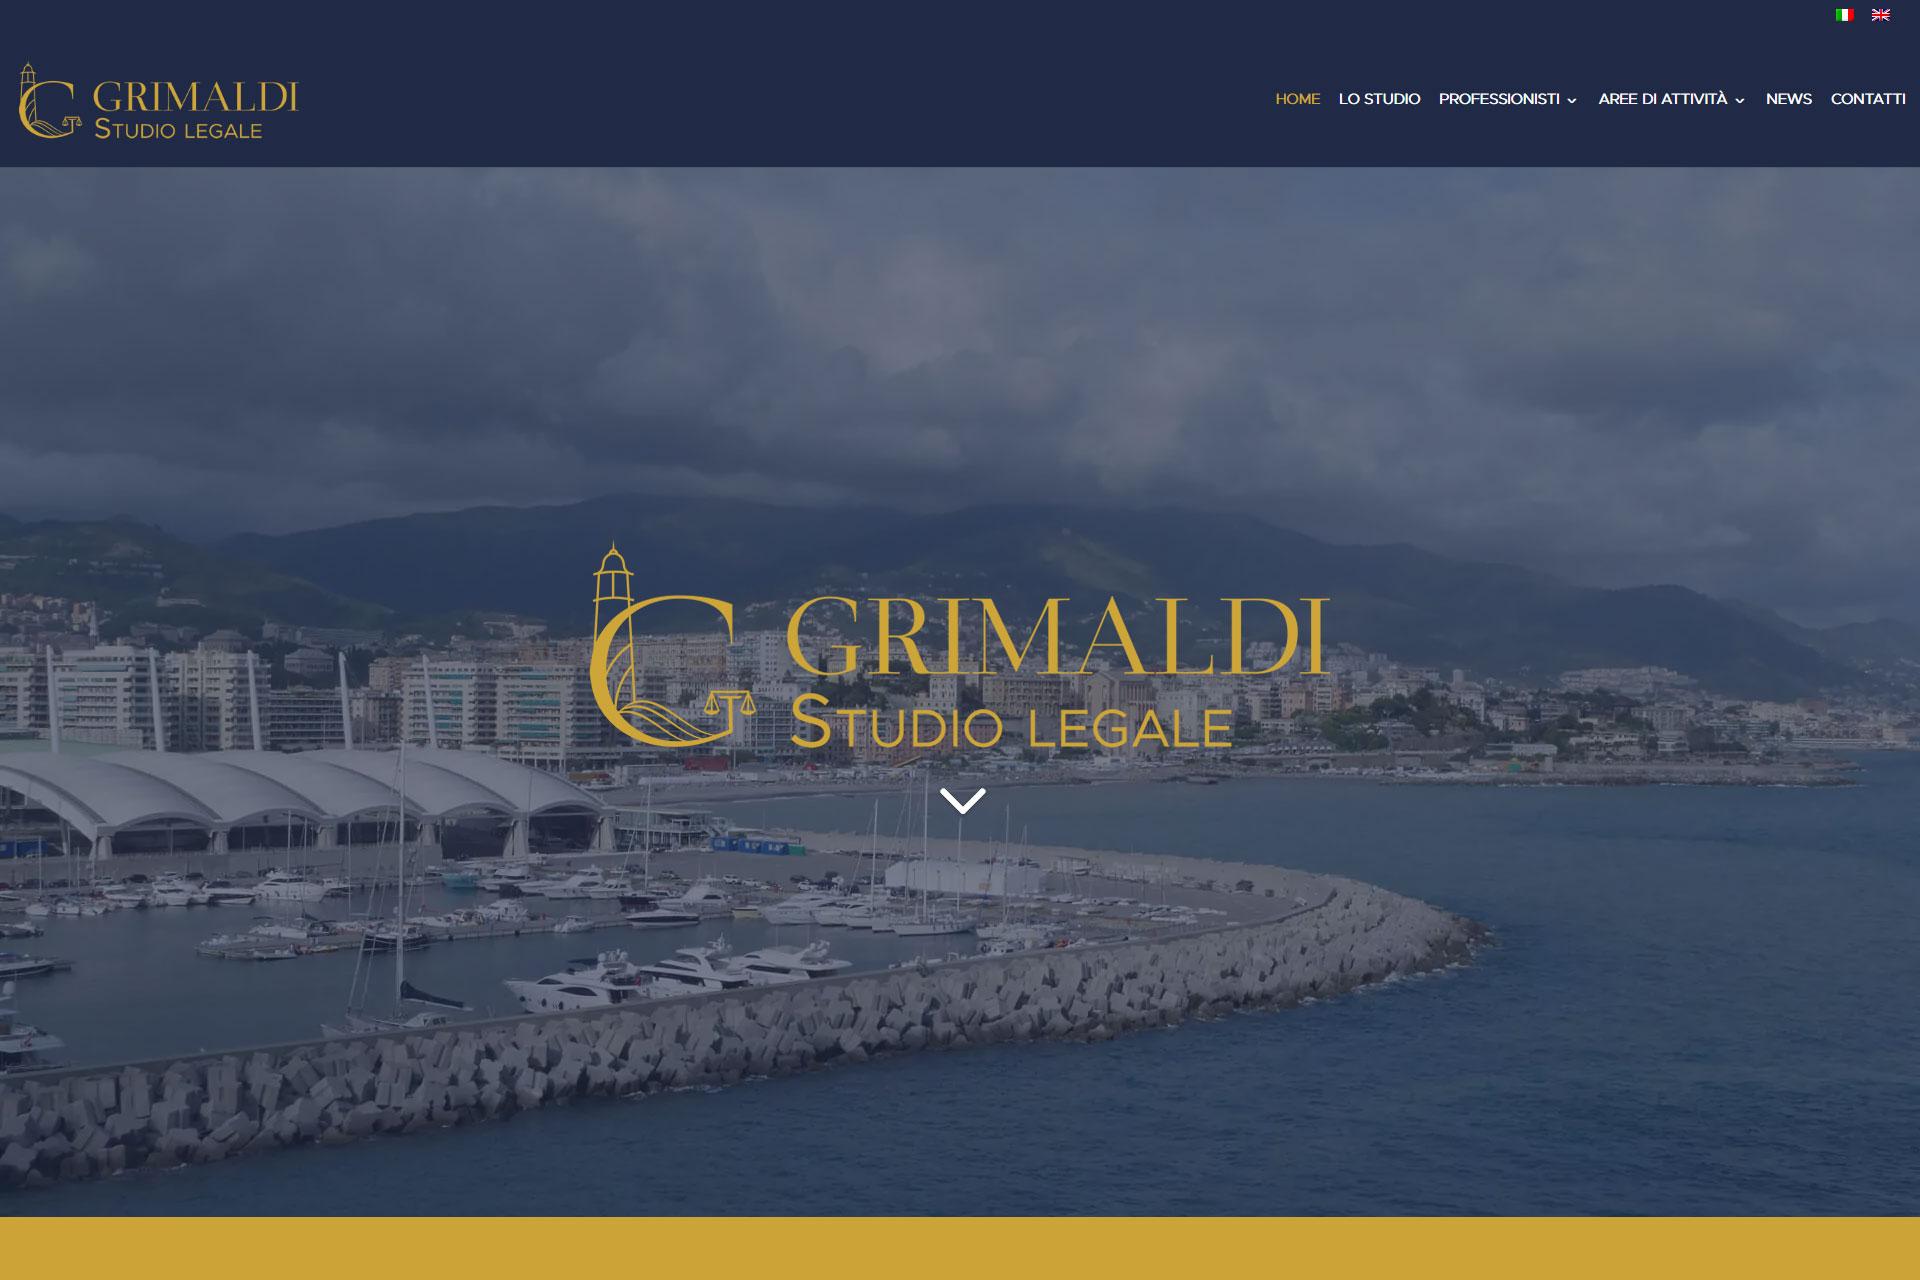 Grimaldi Studio Legale Sito Web